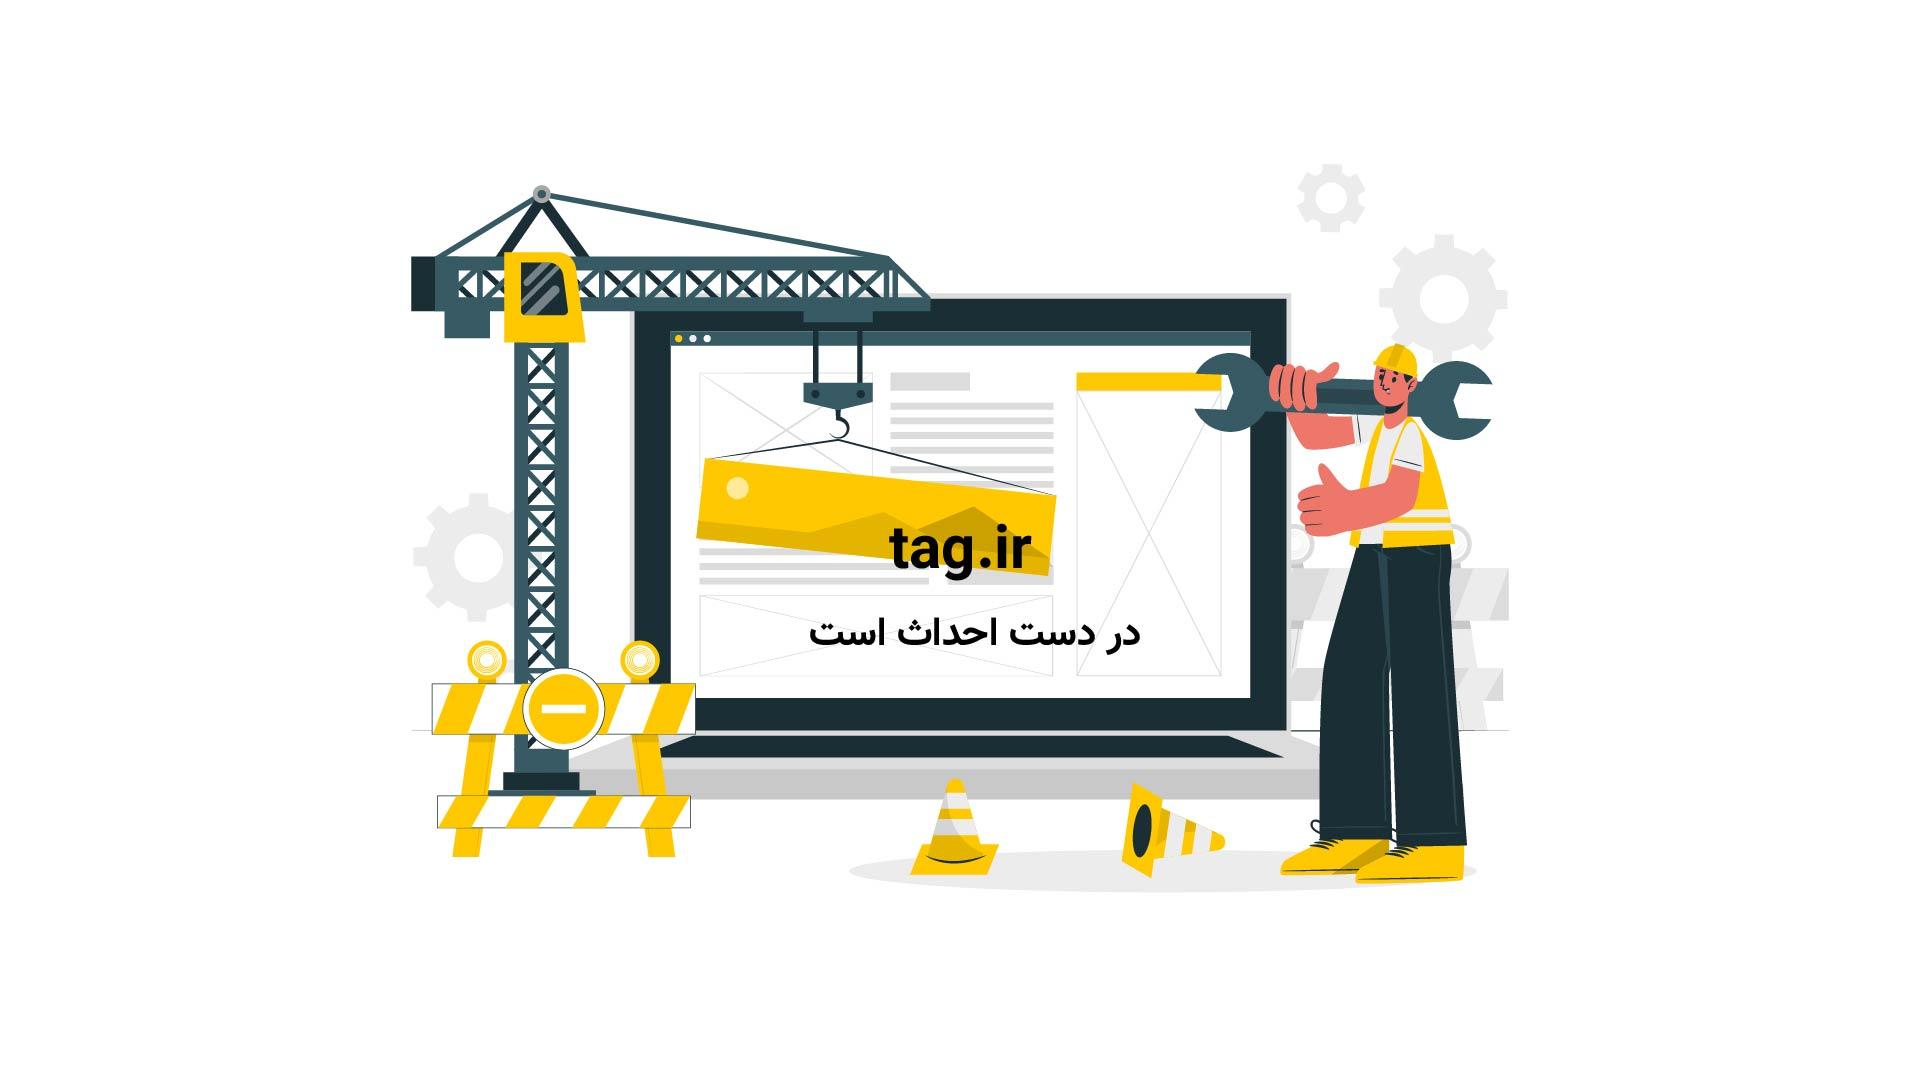 مسابقه کتاب خوانی سریع محمد حسین میثاقی و رامبد جوان در برنامه خندوانه   فیلم